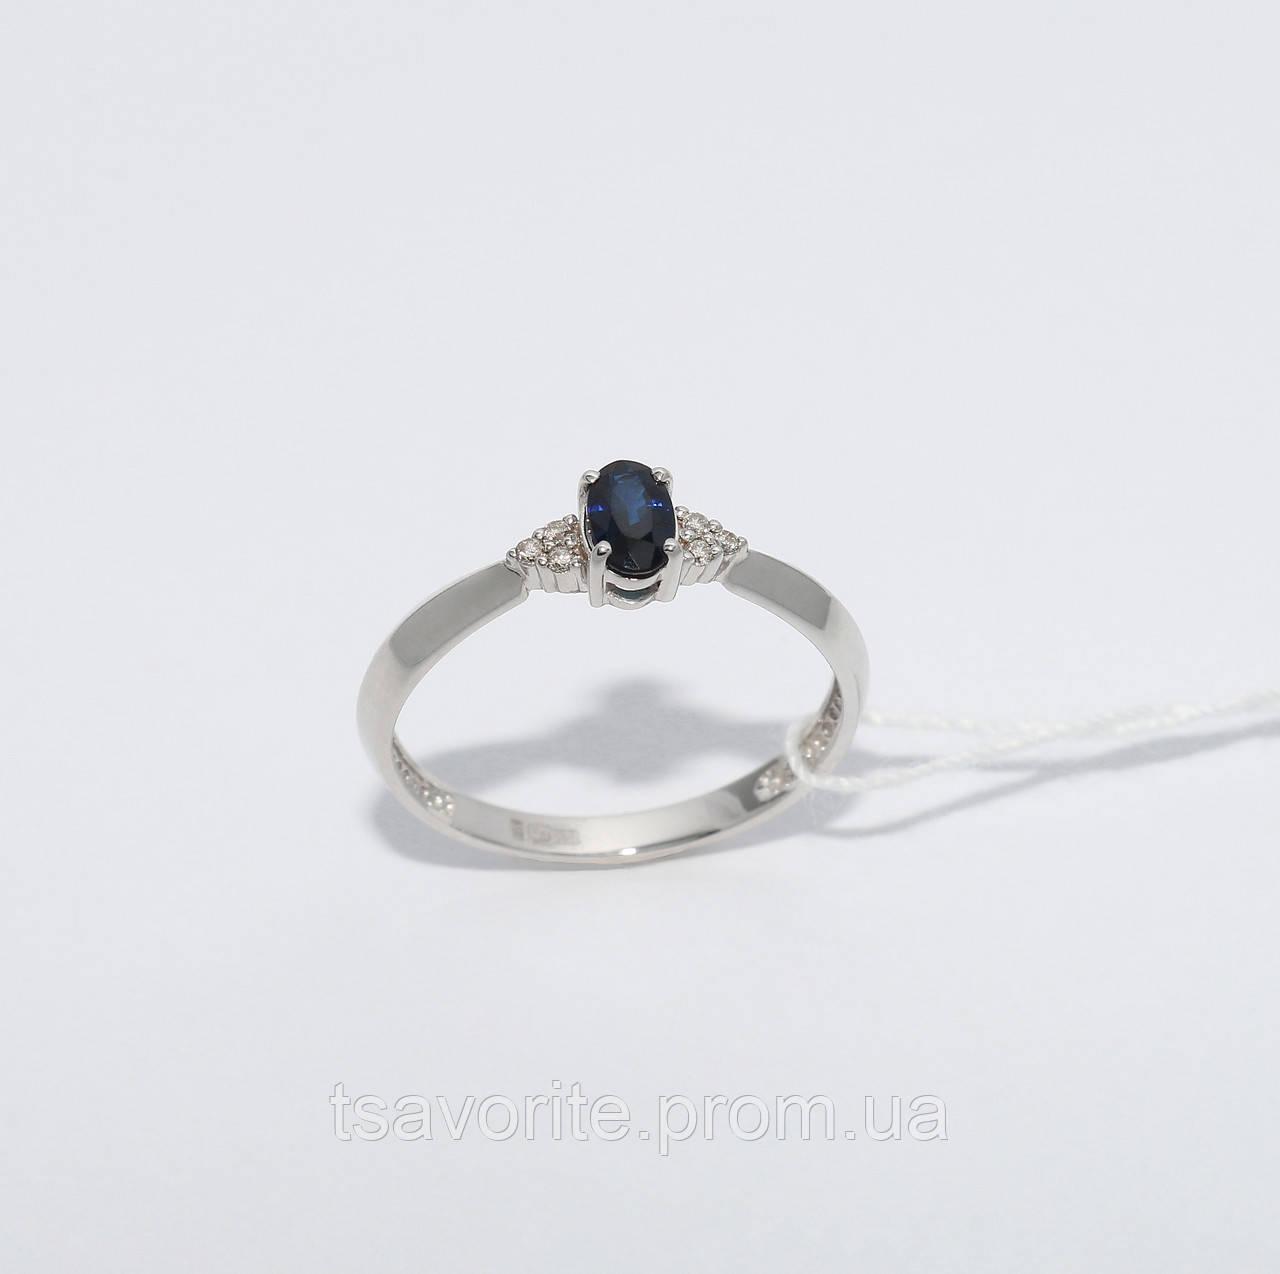 Золотое кольцо с сапфиром и бриллиантами НХК-13